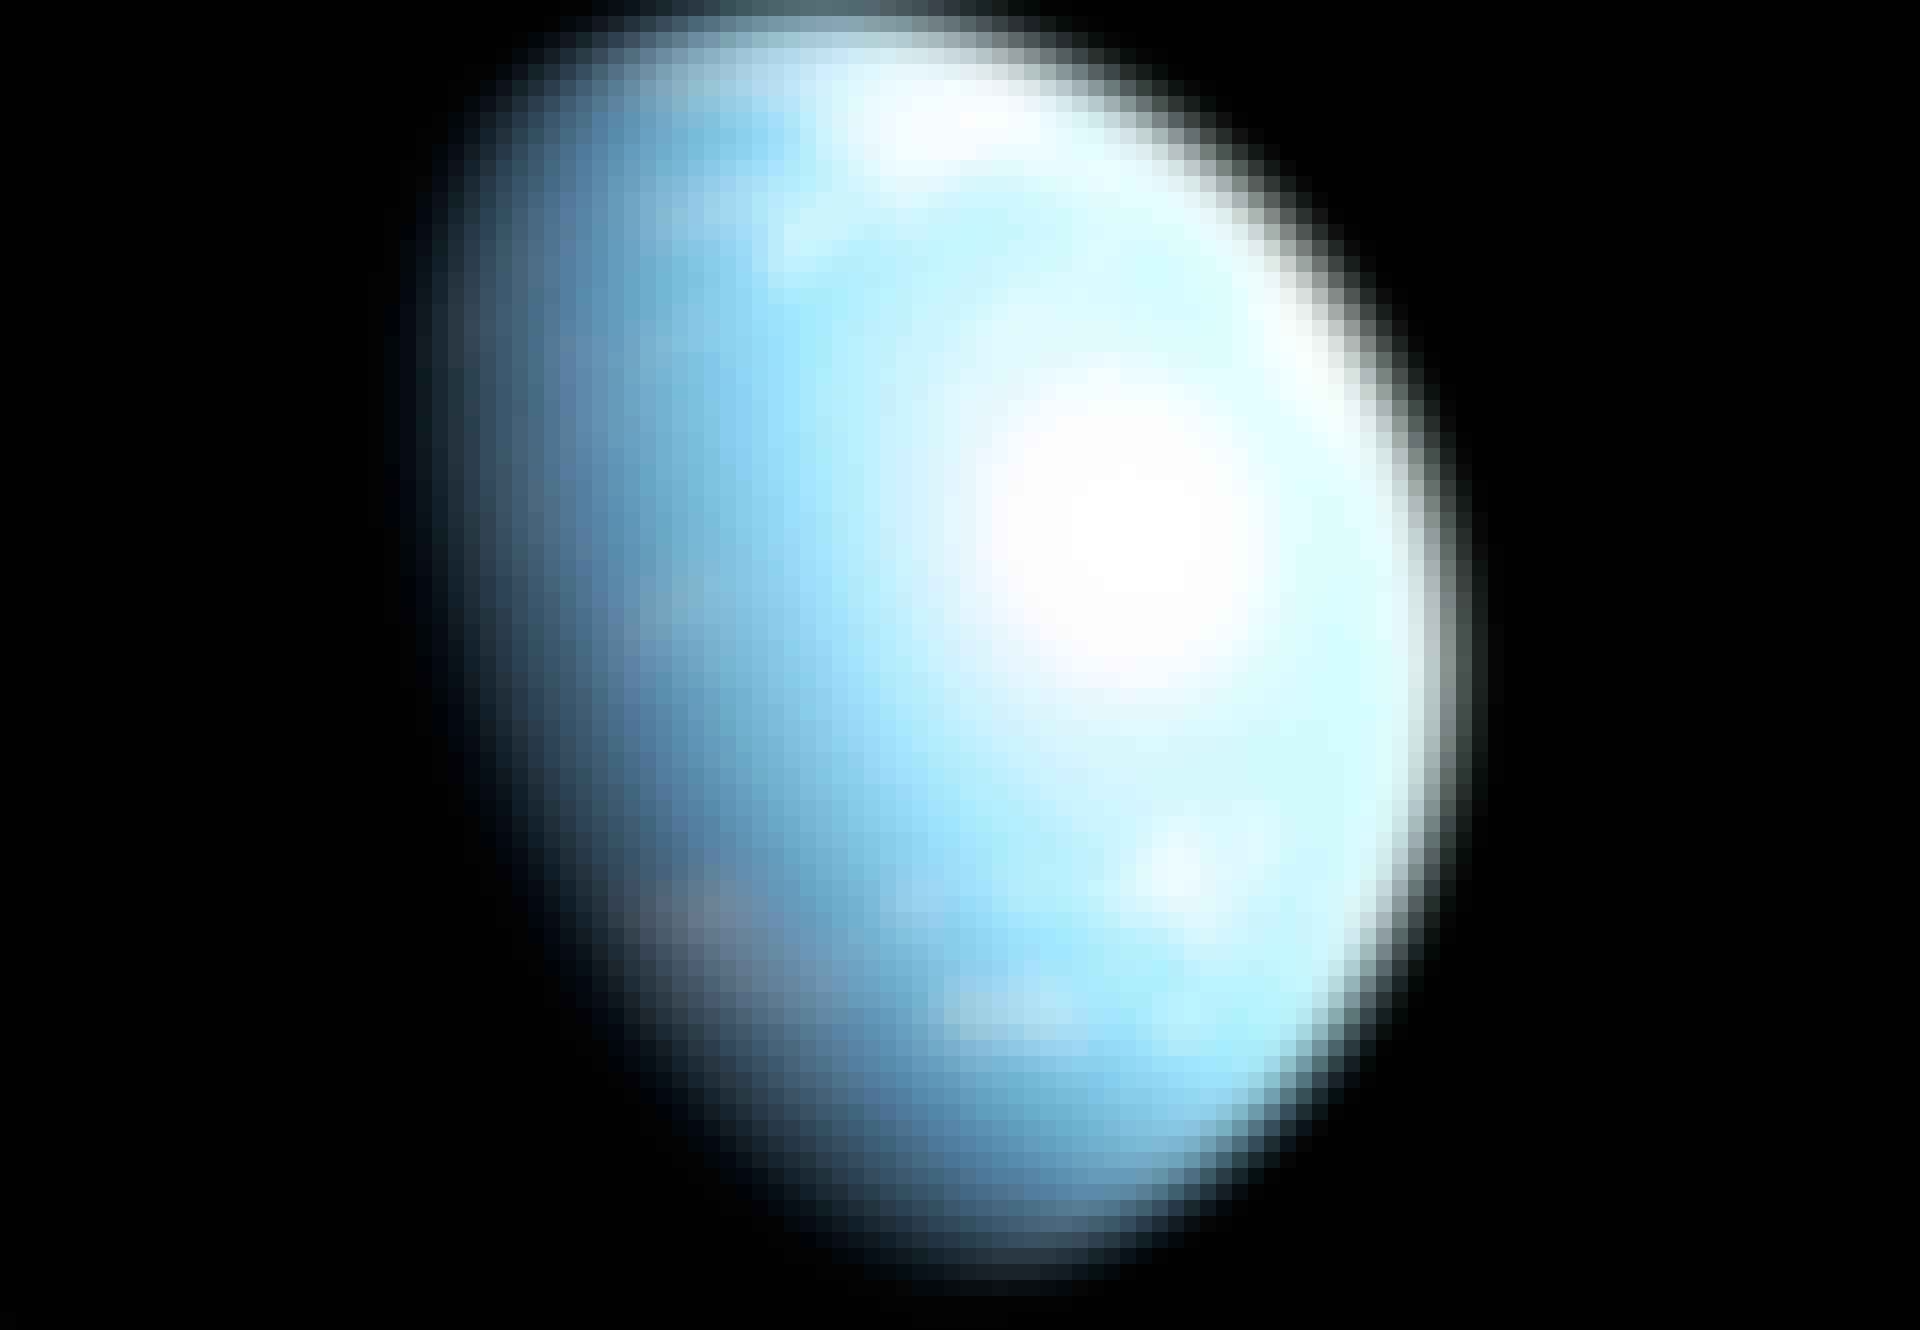 GJ 357d -planeetalla voi olla edellytykset elämän esiintymiselle. Kuvituskuva.